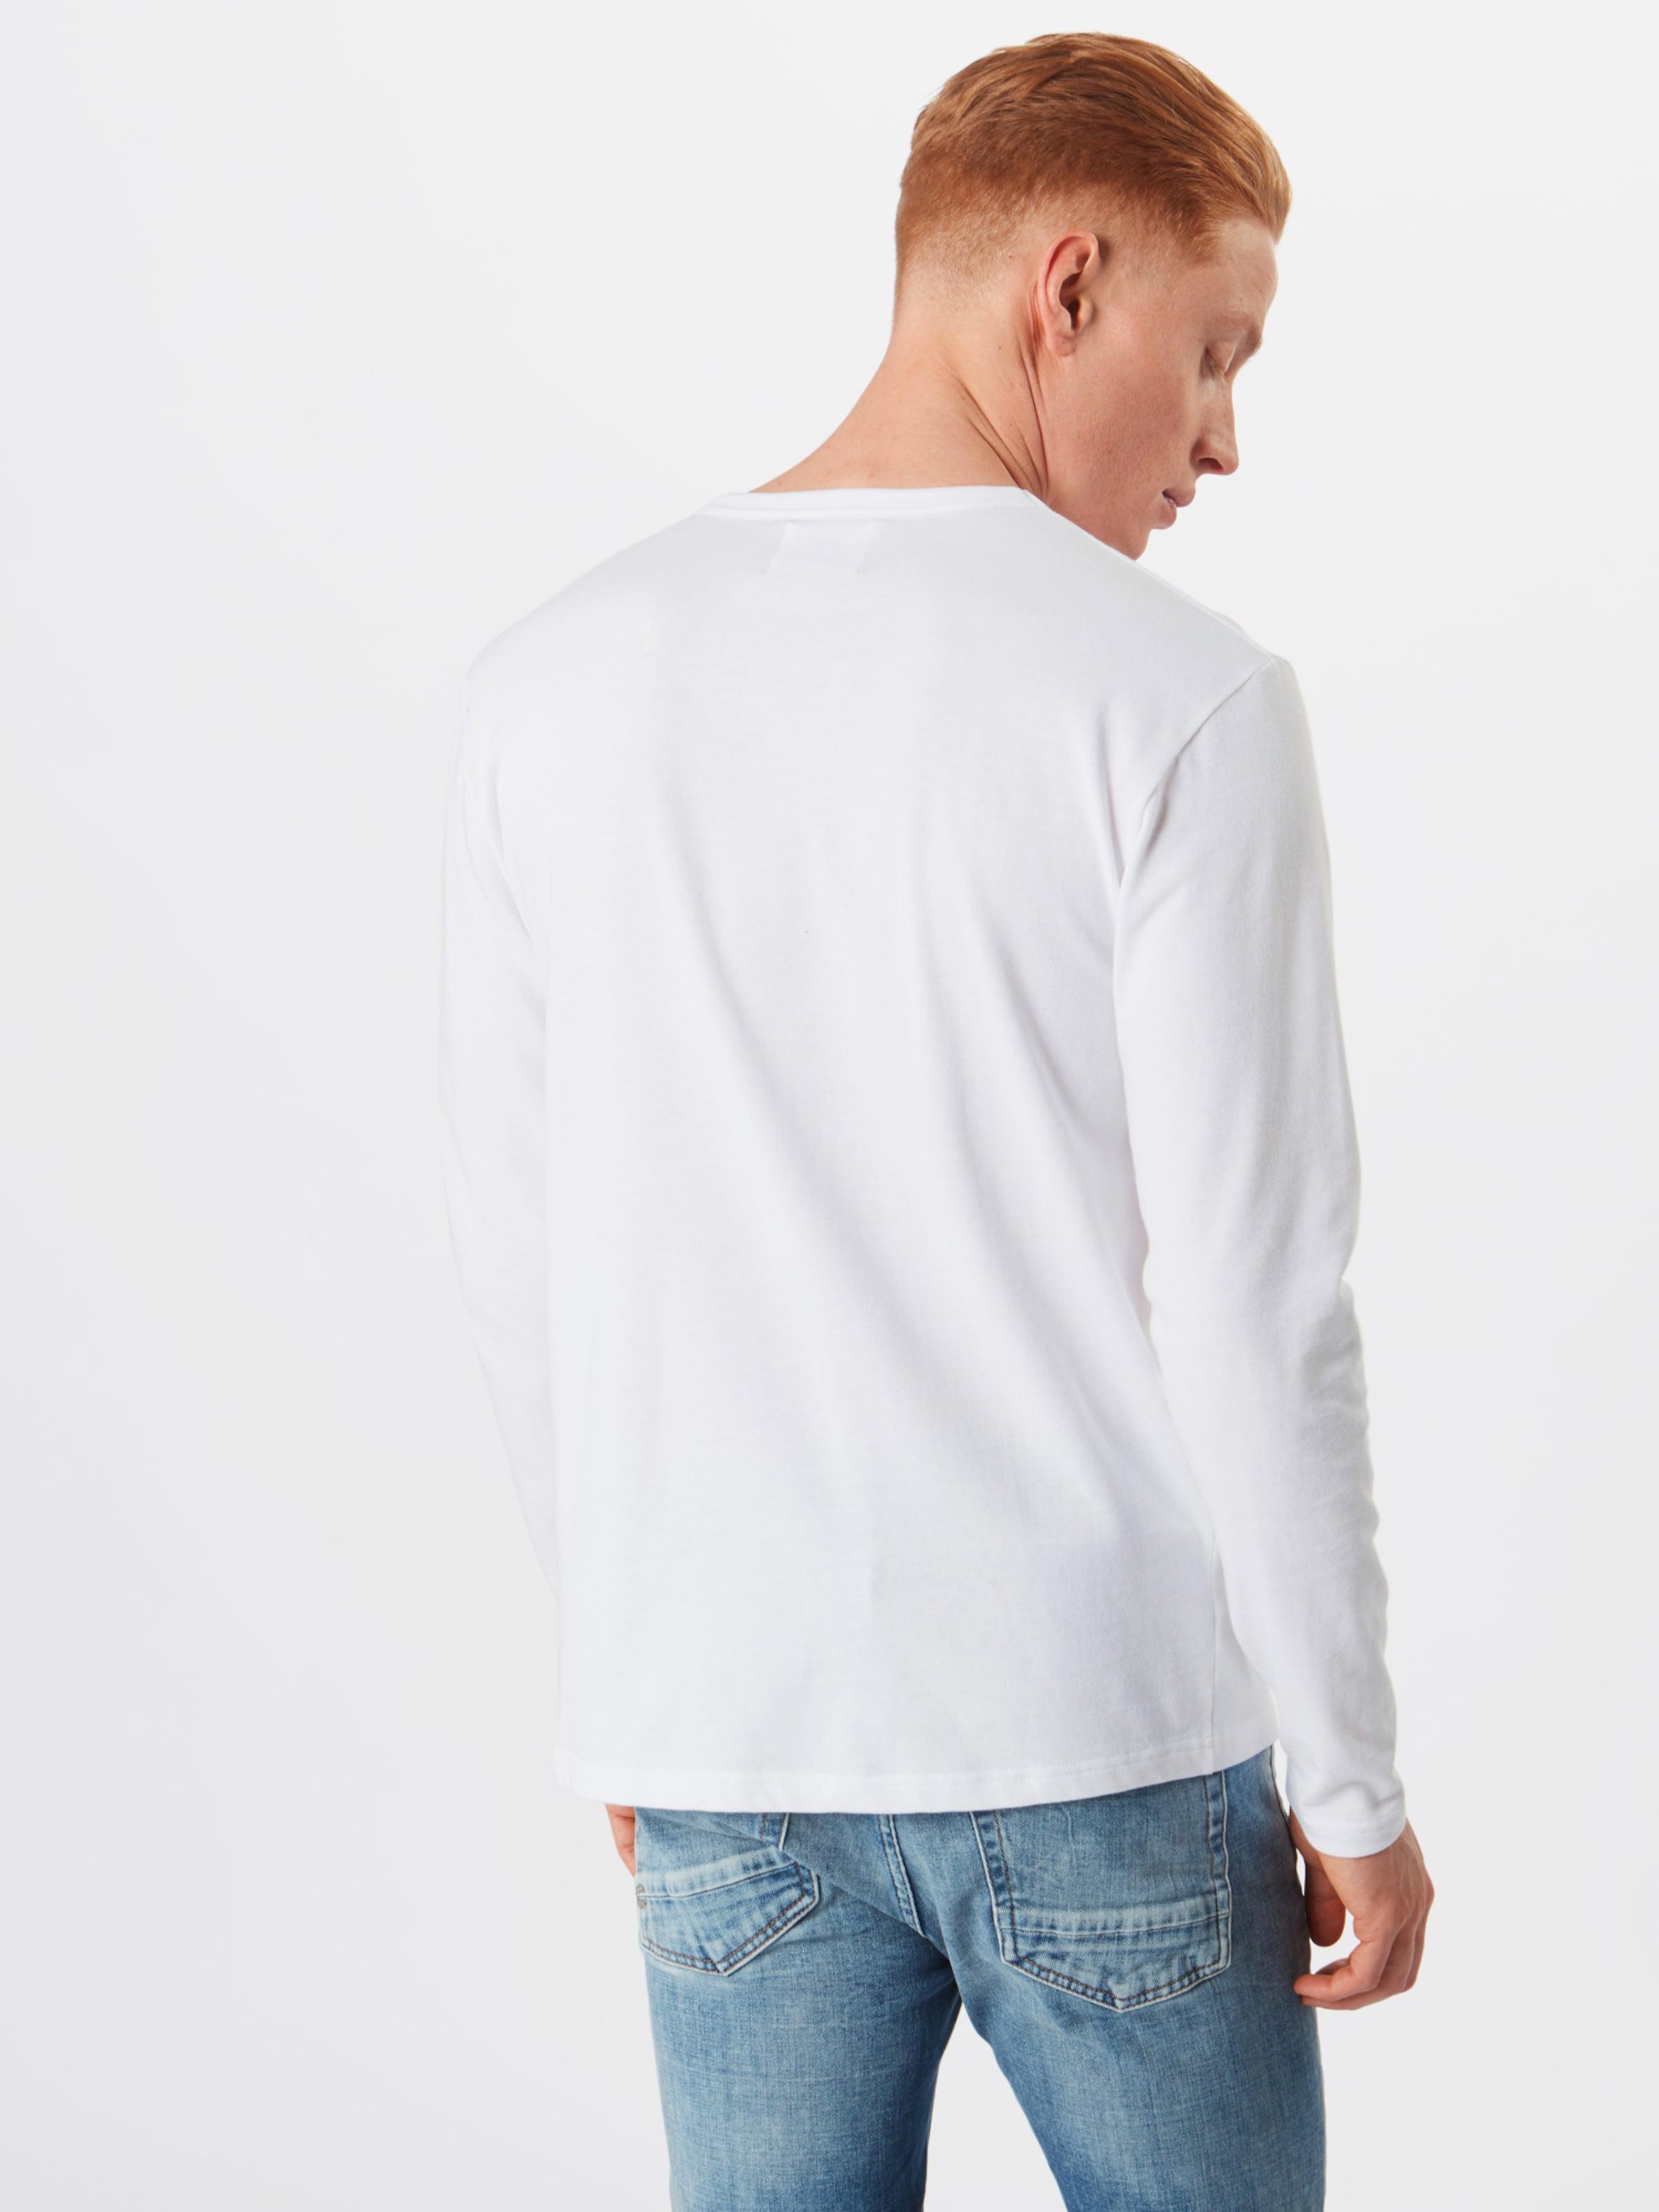 Langarmshirt In In Wood Weiß Langarmshirt In Langarmshirt Wood Wood Weiß Weiß rhQdCtsx